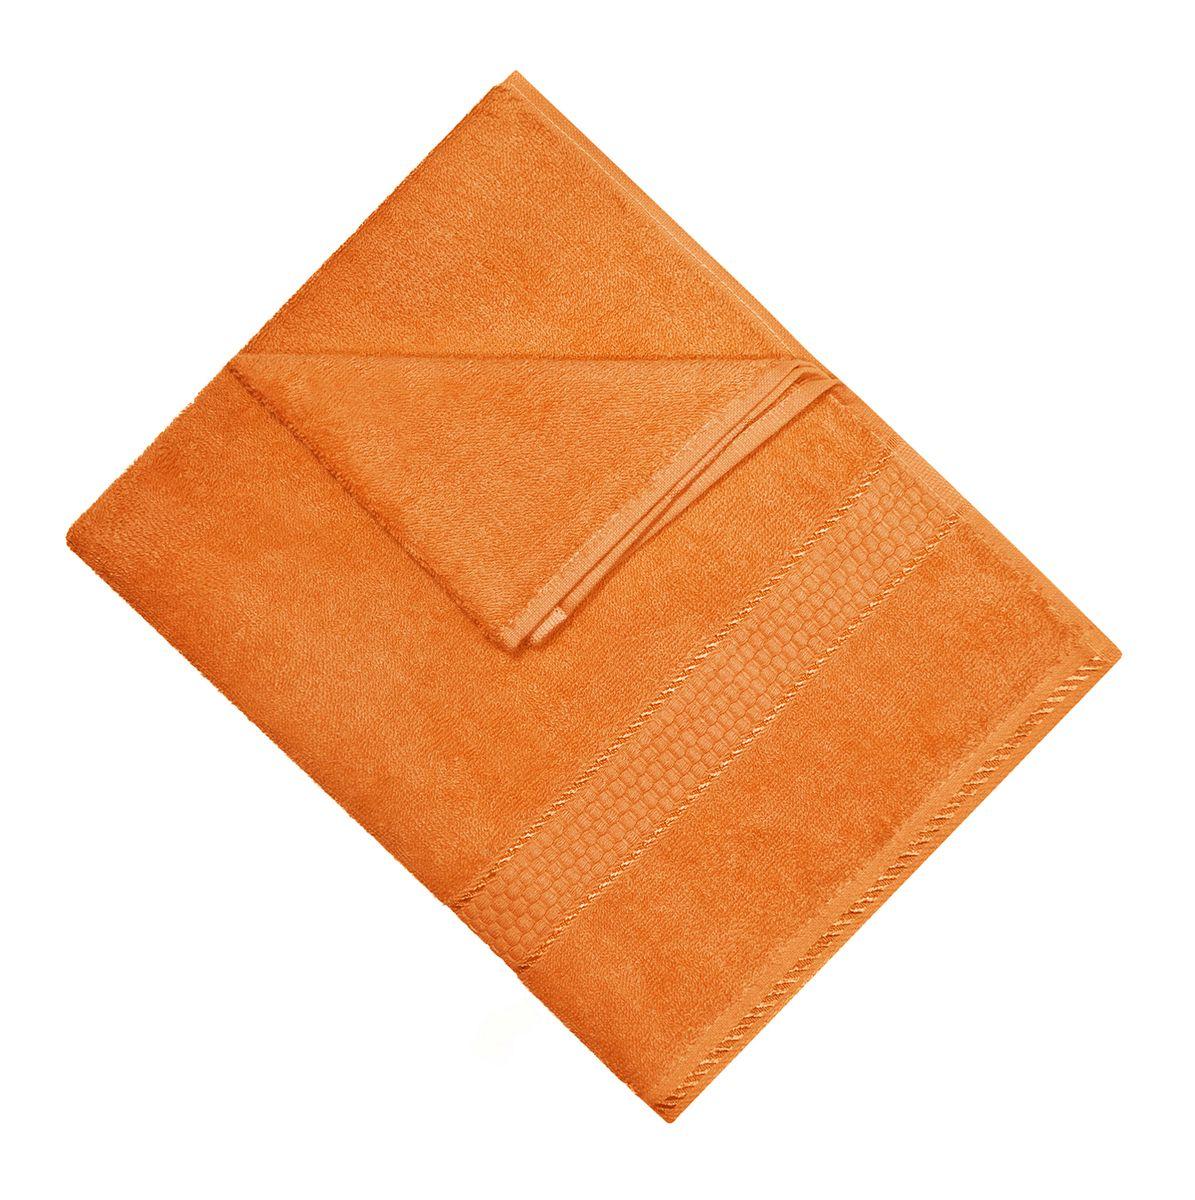 Полотенце махровое Osborn Textile, цвет: оранжевый, 50 х 90 смУзТ-МПМ-004-01-27В состав полотенца Osborn Textile входит только натуральное волокно - хлопок. Лаконичные бордюры подойдут для любого интерьера ванной комнаты. Полотенце прекрасно впитывает влагу и быстро сохнет. При соблюдении рекомендаций по уходу не линяет и не теряет форму даже после многократных стирок. Плотность: 450 г/м2.